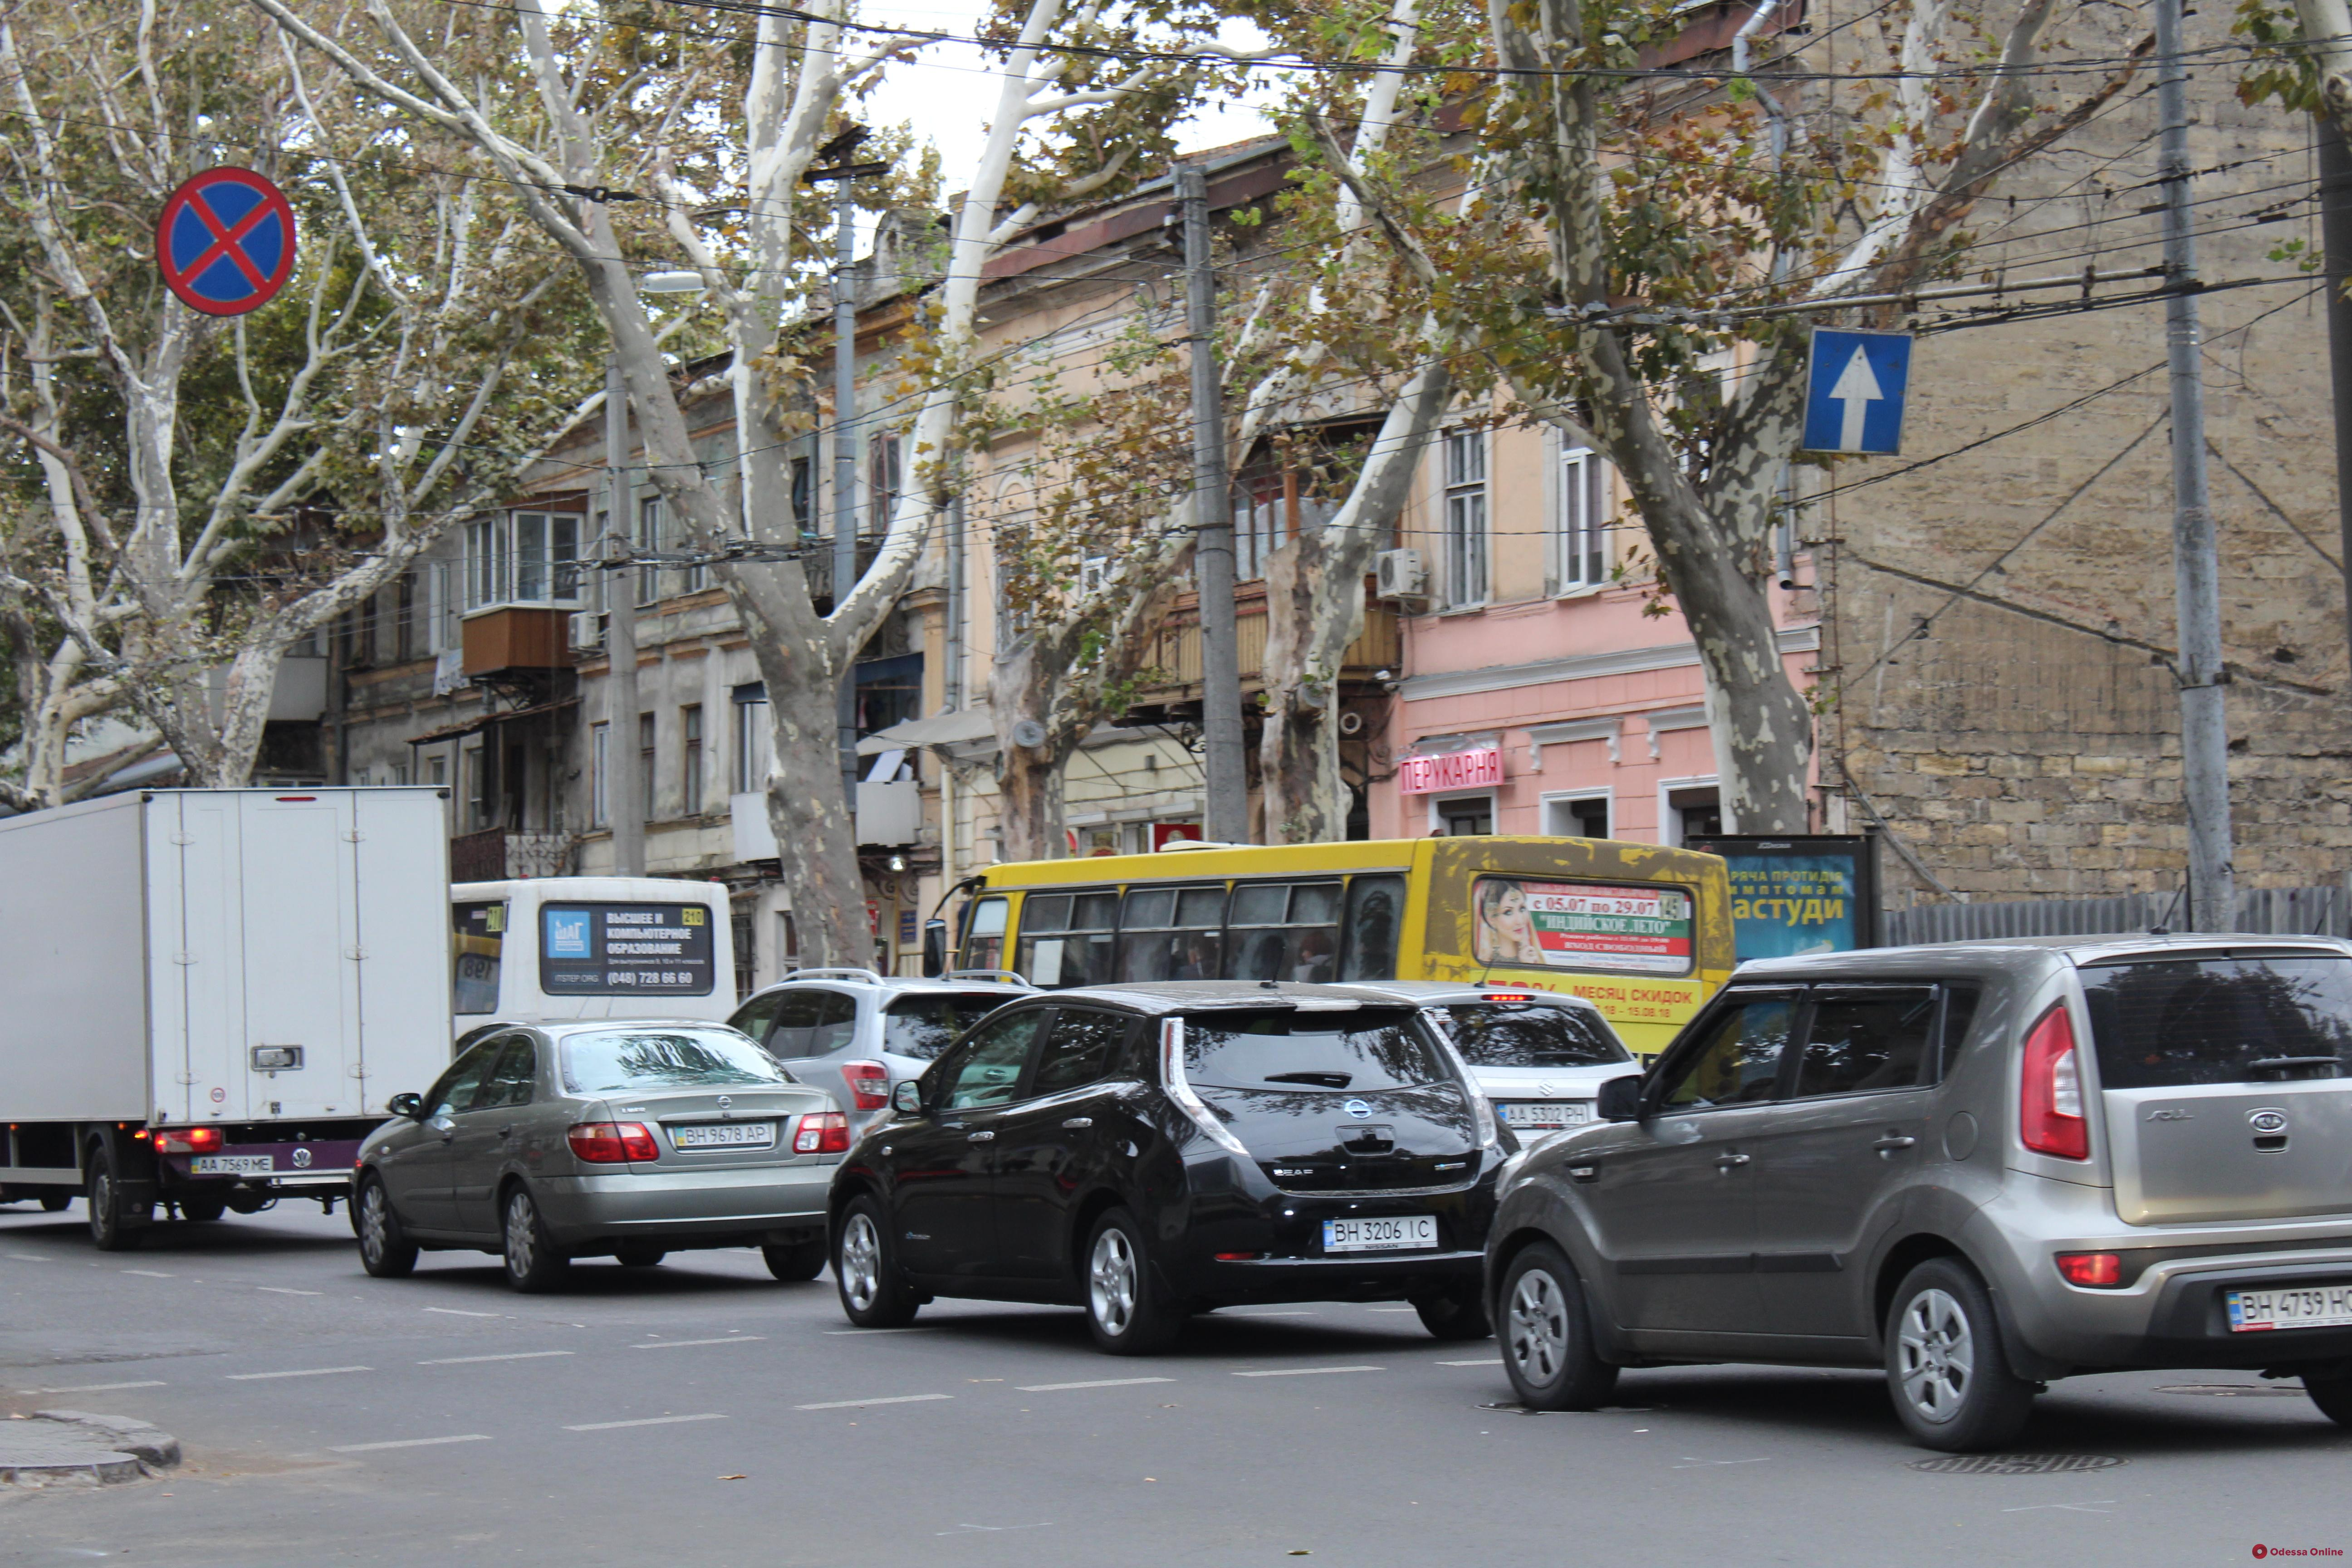 Дорожная обстановка в Одессе: большая пробка на Адмиральском проспекте